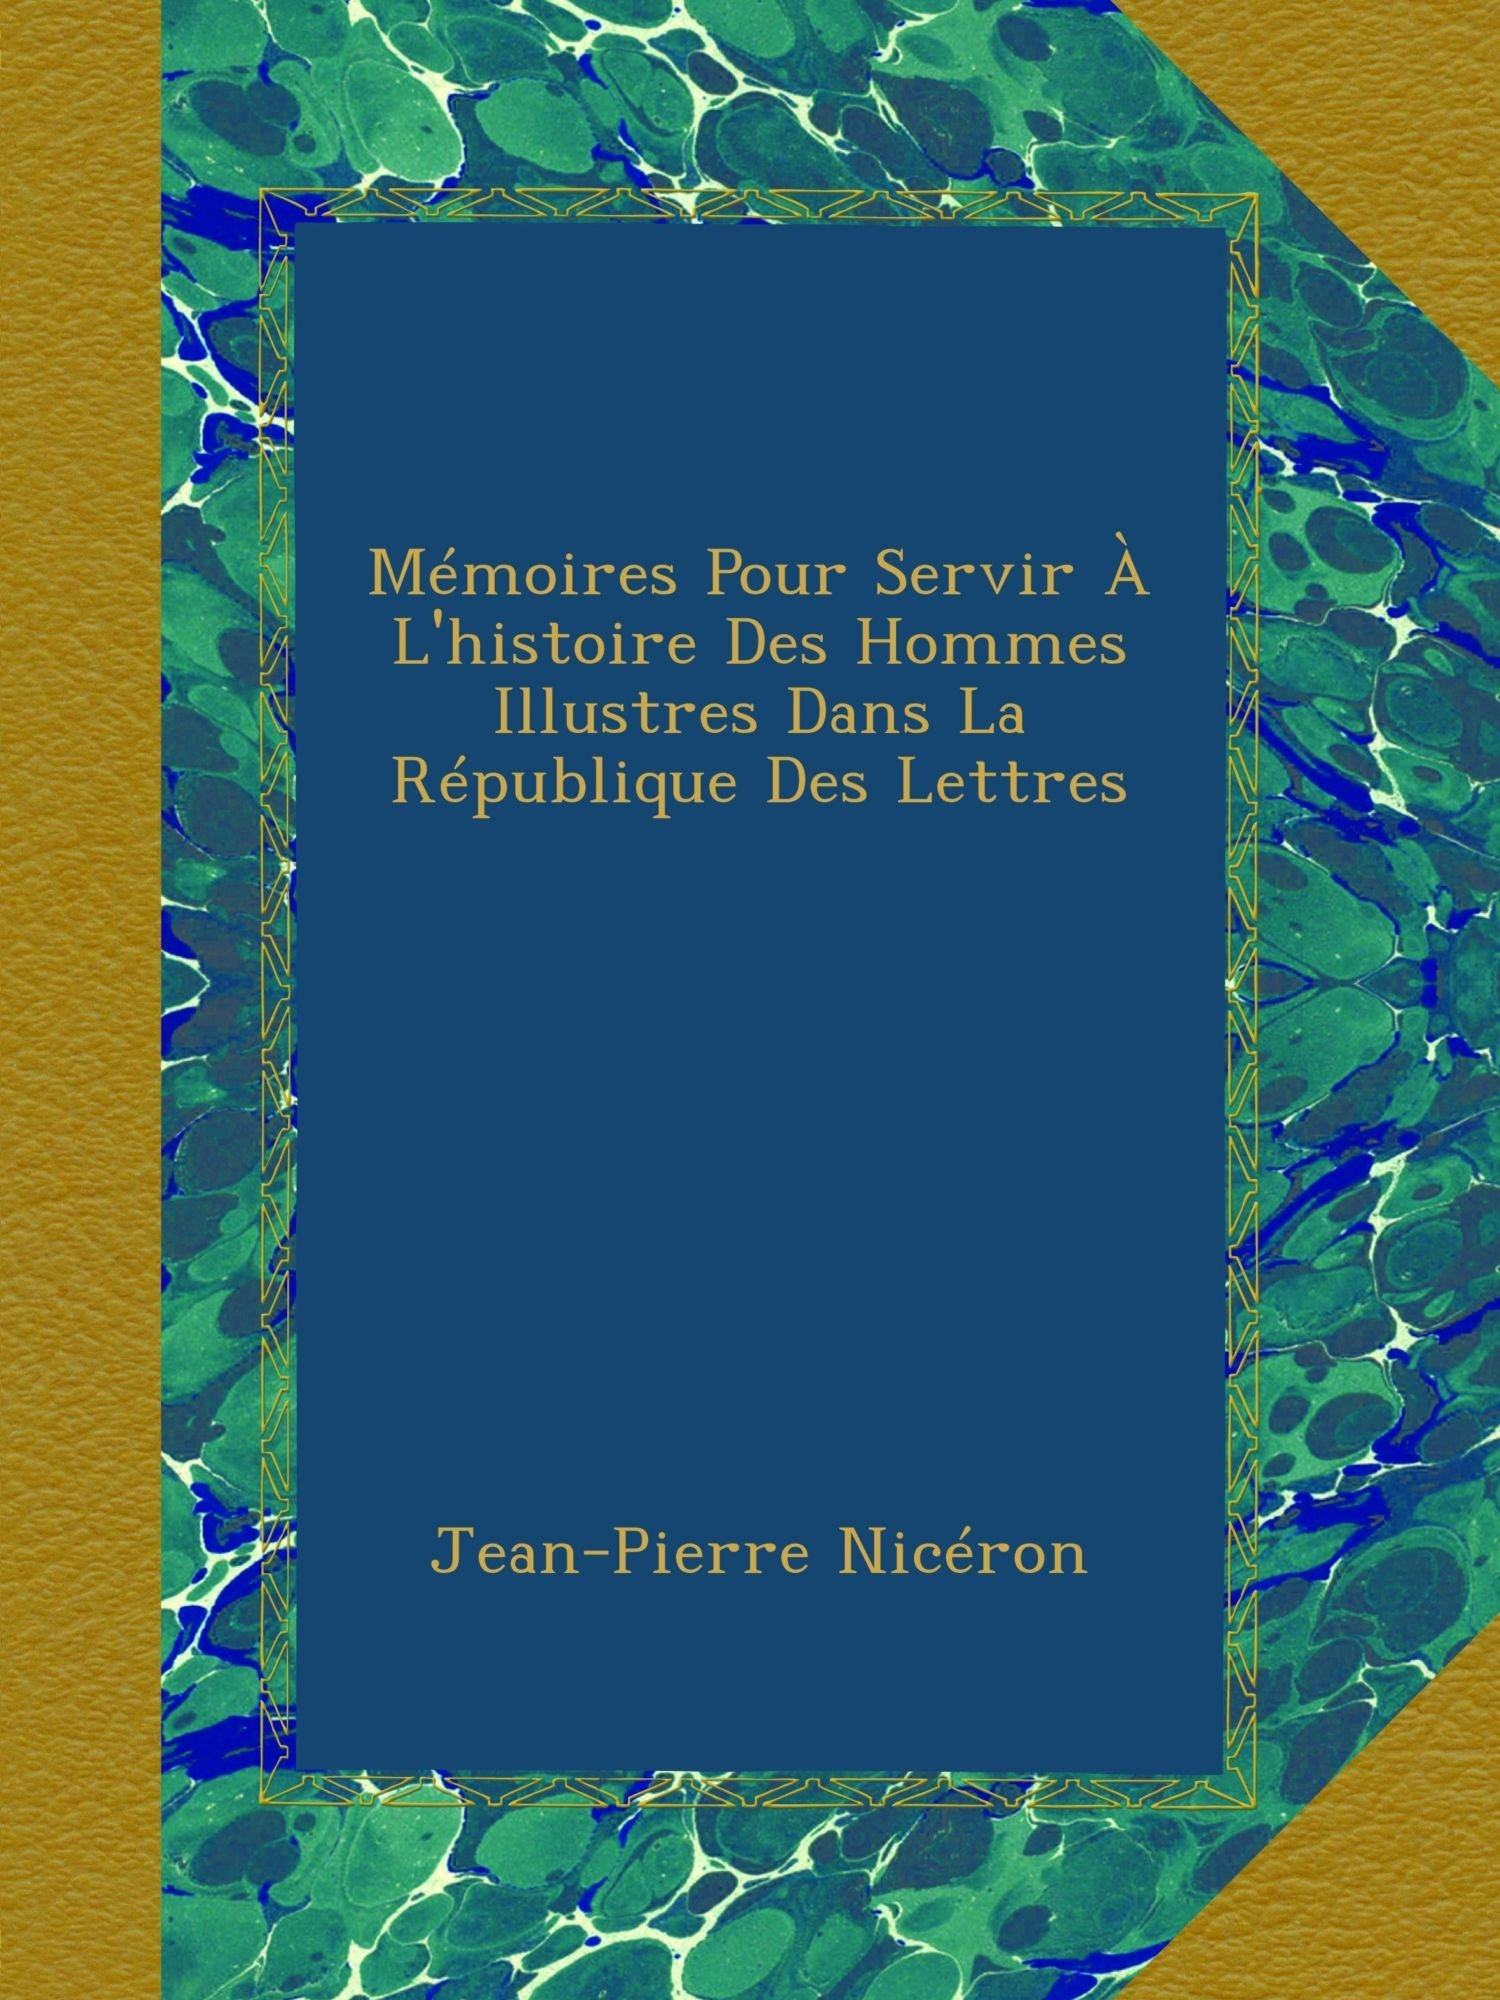 Download Mémoires Pour Servir À L'histoire Des Hommes Illustres Dans La République Des Lettres (French Edition) PDF